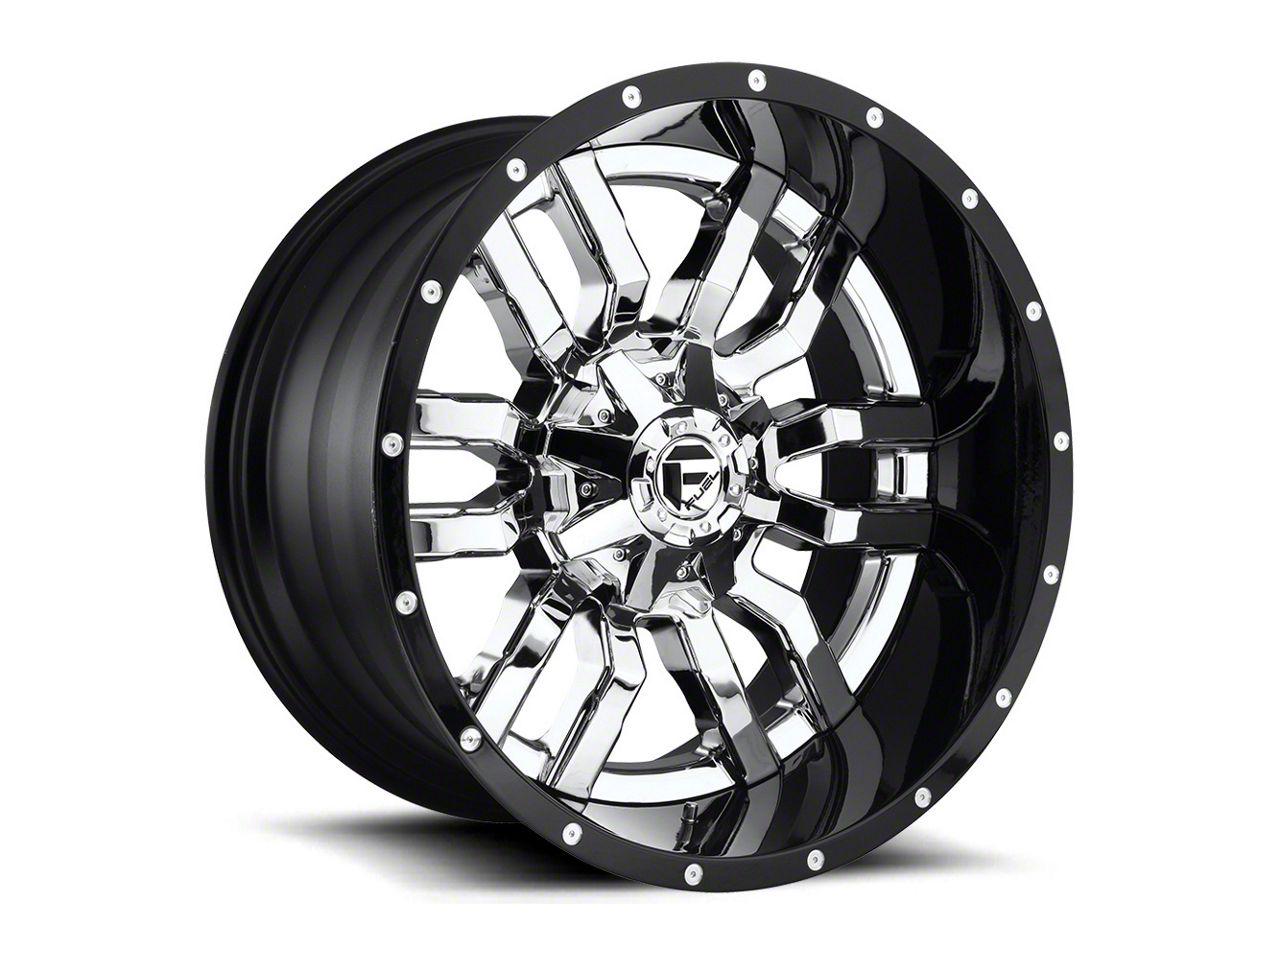 Fuel Wheels Sledge Chrome 6-Lug Wheel - 22x10 (99-18 Silverado 1500)